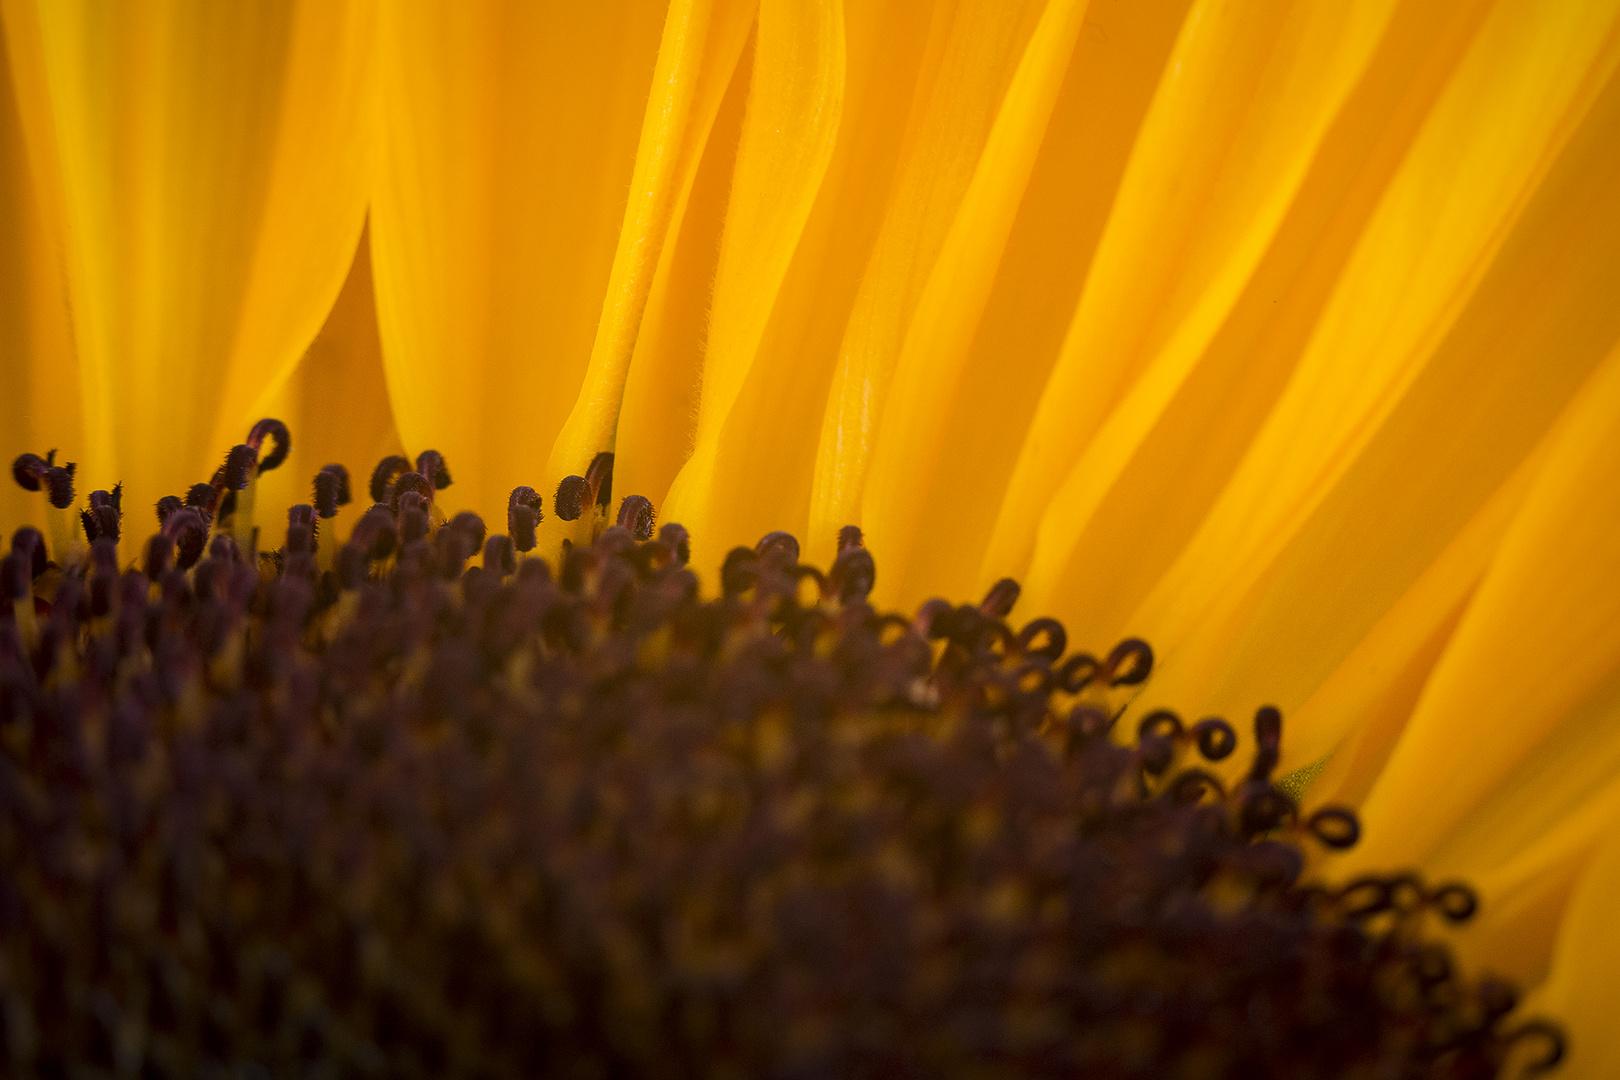 Innenleben einer Sonnenblume